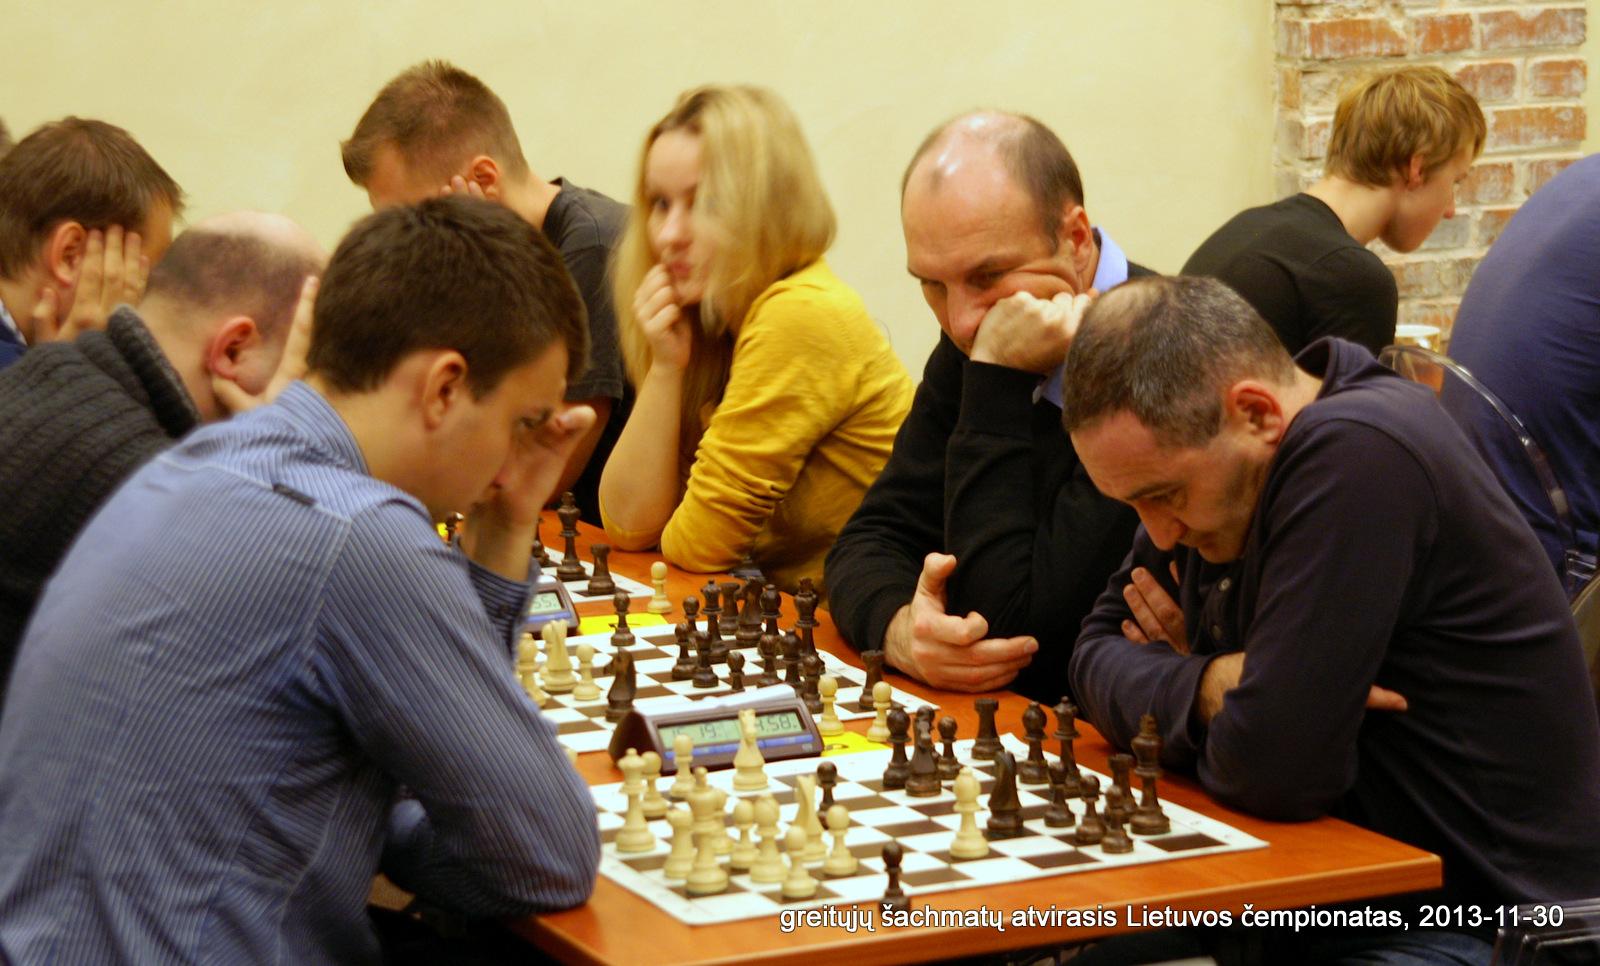 greitųjų šachmatų atvirasis Lietuvos čempionatas, 2013-11-30; Tomas Laurušas; Irina Sudakova; Darius Zagorskis; Timur Beliastnyj